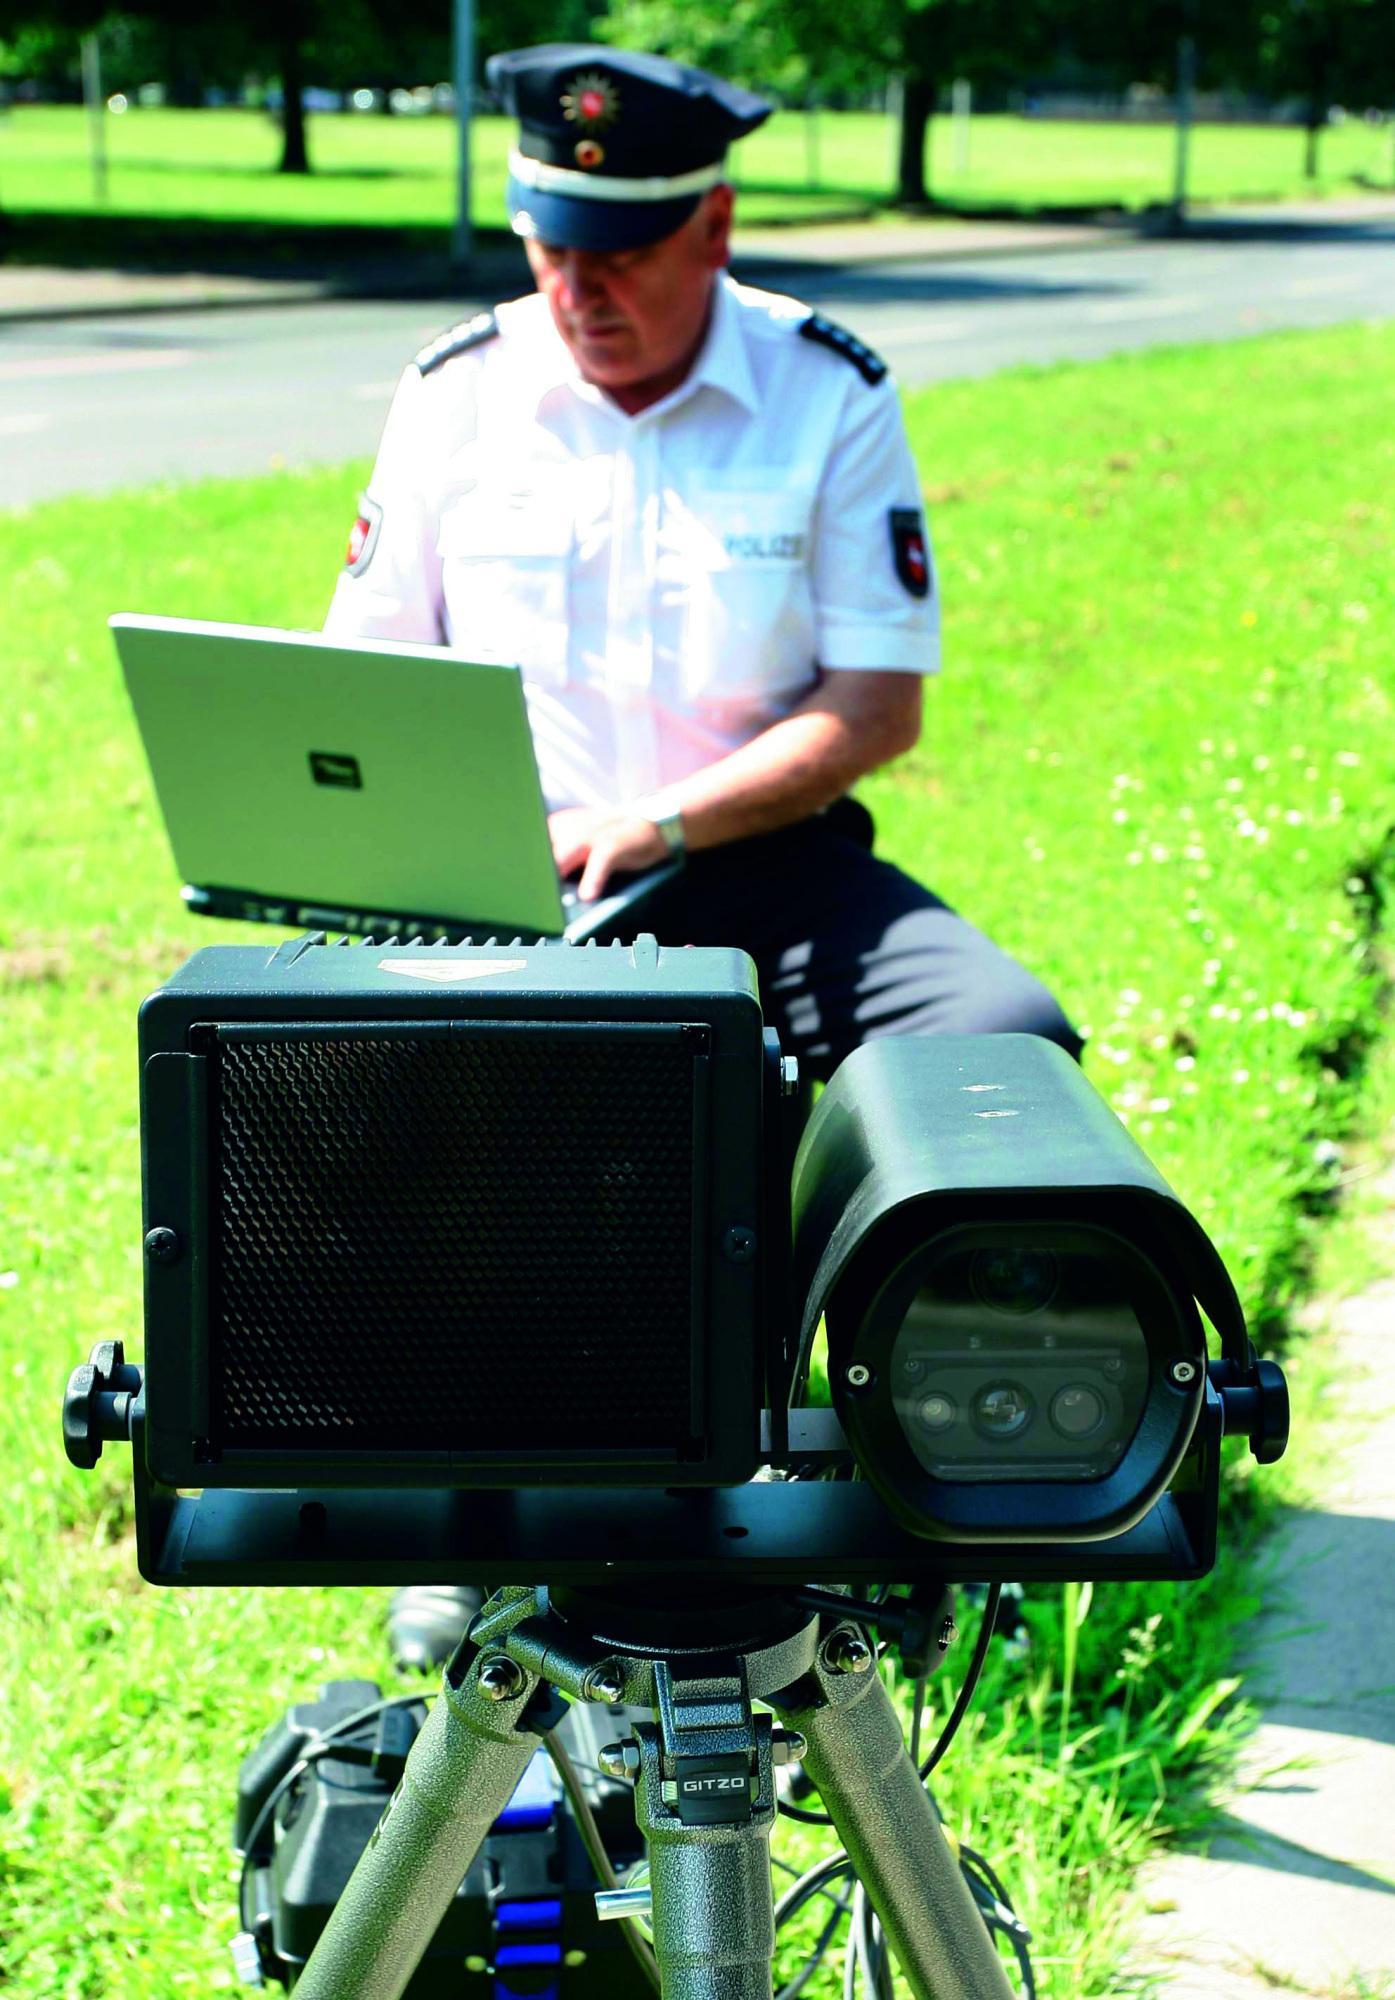 Der Polizei ist seit 2008 untersagt, massenhaft automatisiert Auto-Kennzeichen zu erfassen und zu speichern